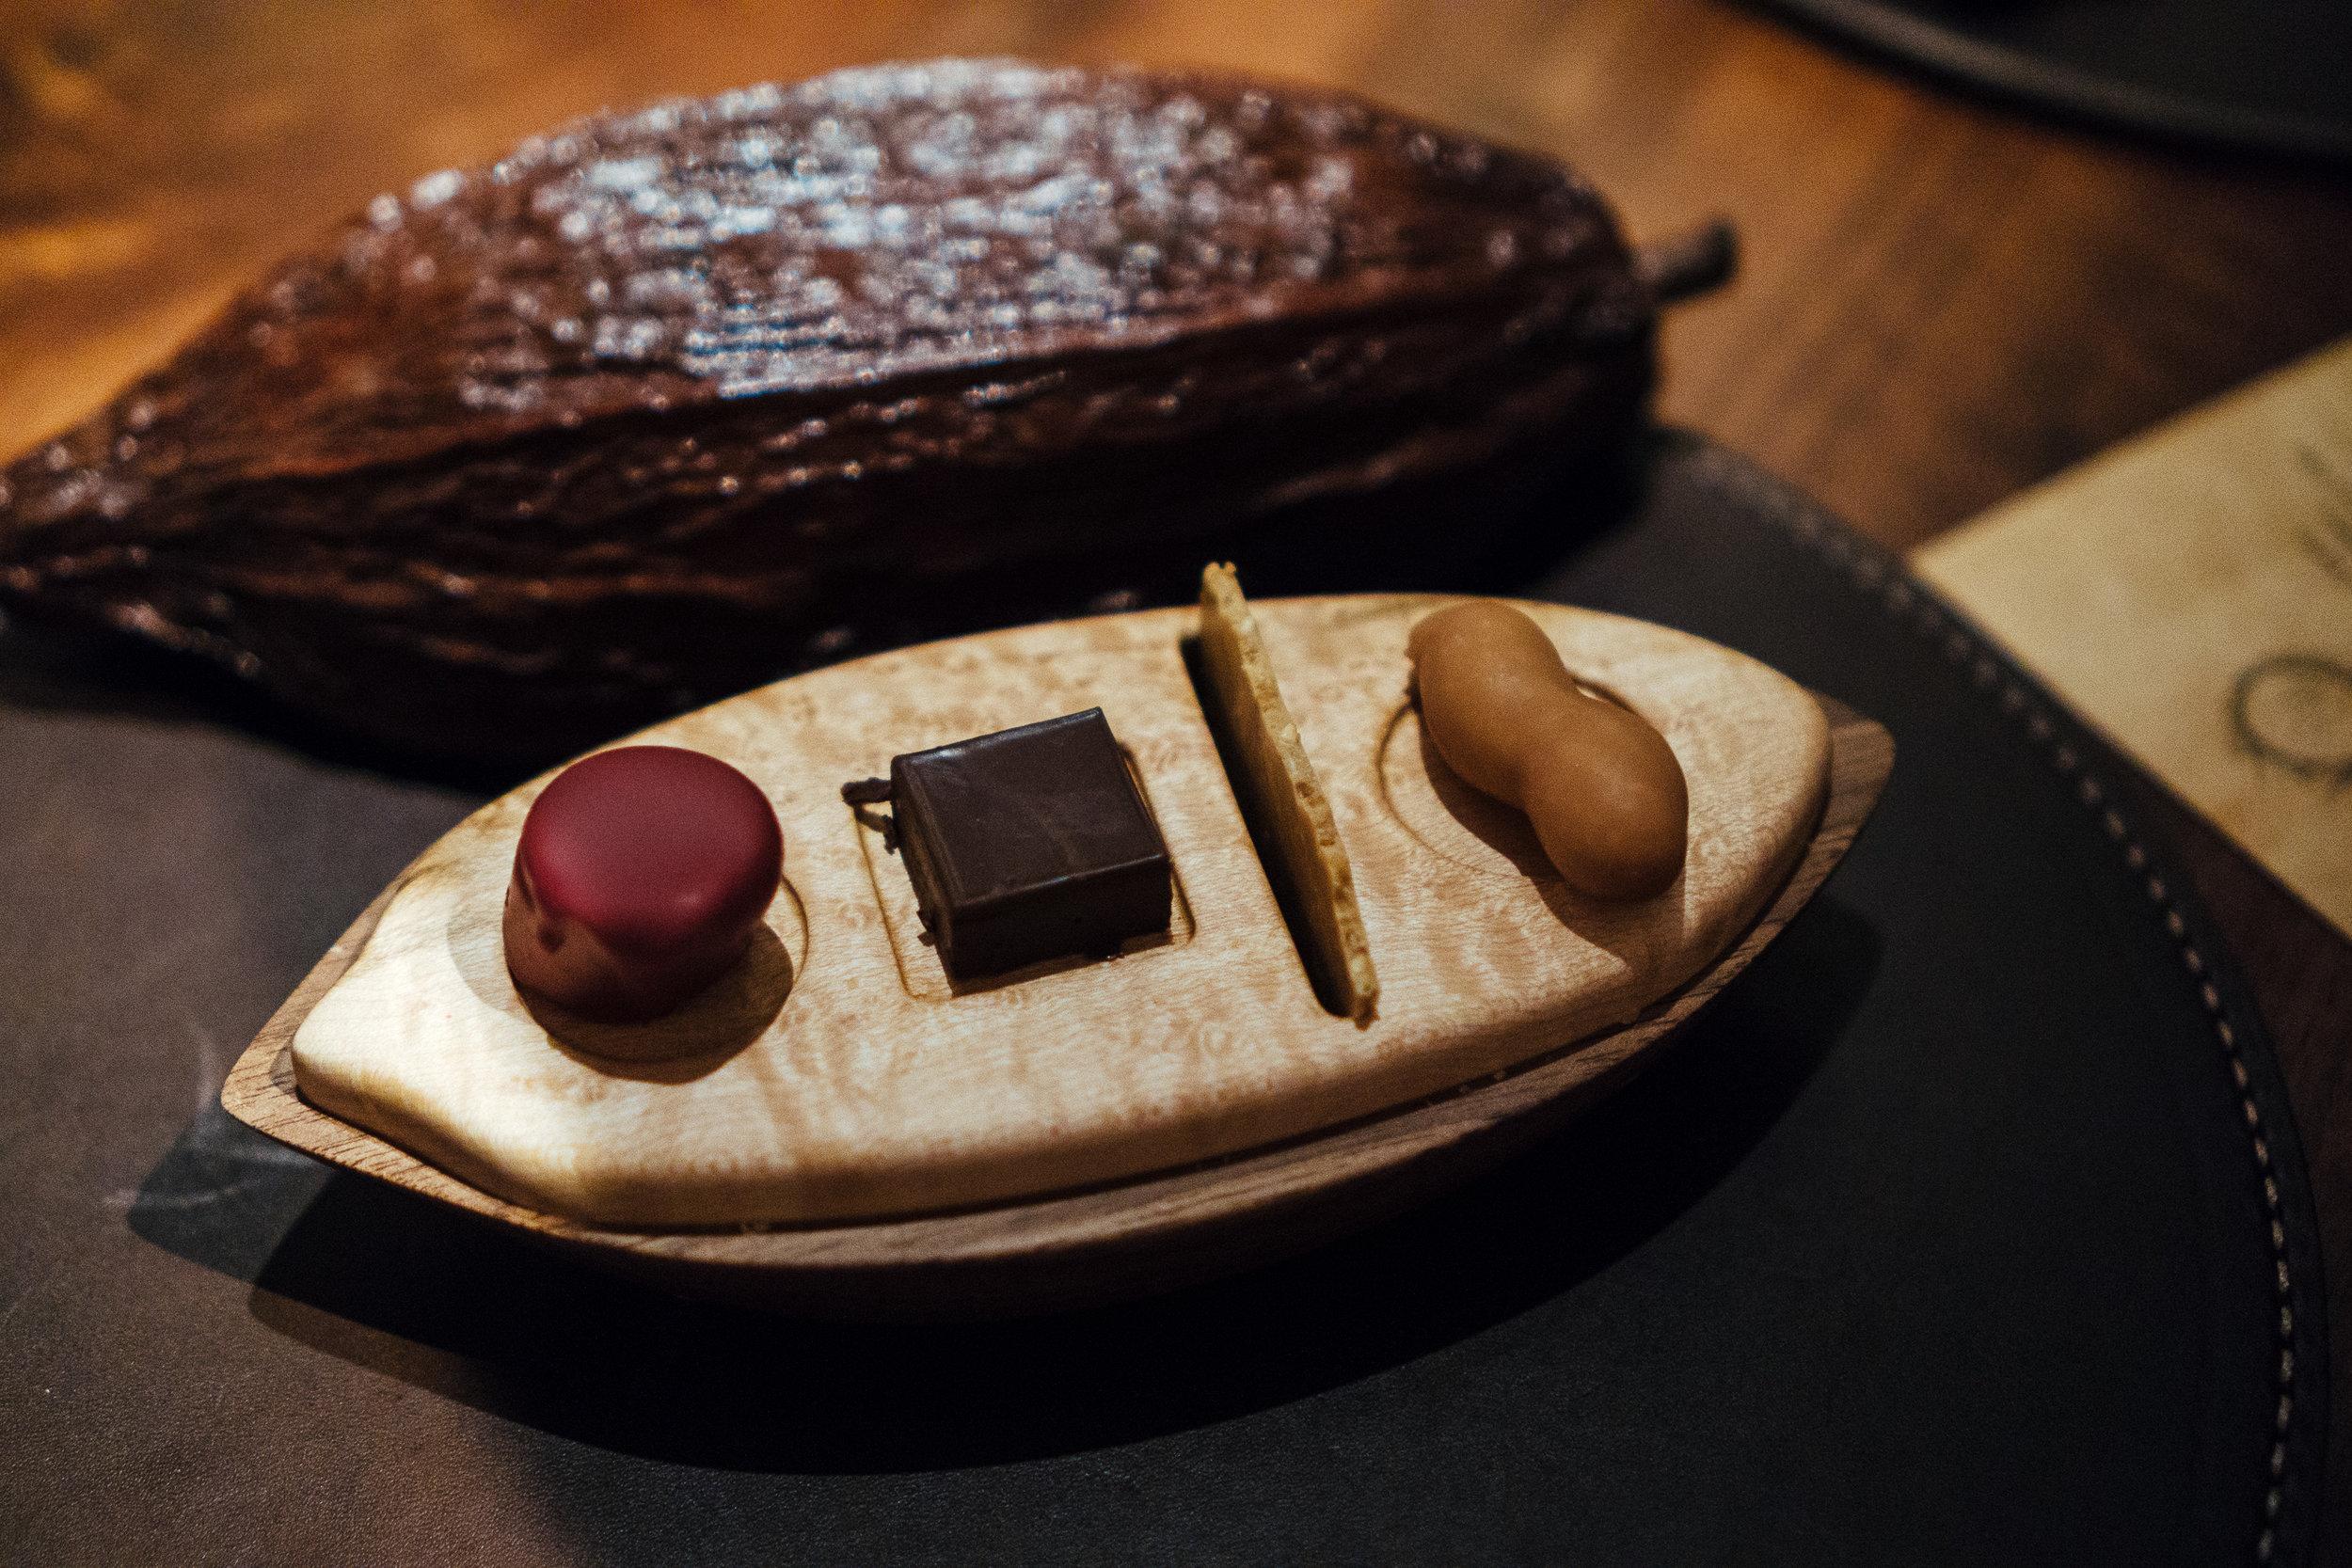 """最后一道是用可可果壳摆盘的四种口味的巧克力。巧克力一直是她家的压轴甜点。这次融合了""""妈呀""""概念的巧克力吃起来感觉稍微比冬天吃的要清爽一些。对巧克力并不是特别感冒的我个人觉得最后一个还是很惊艳的。在品尝这最后一道甜点时,同桌四人还因为食用顺序产生了异议。到底是从左食向右?还是从右品到左?希望谁下次去用餐时能帮我们找到Juan本人问个清楚。😂"""